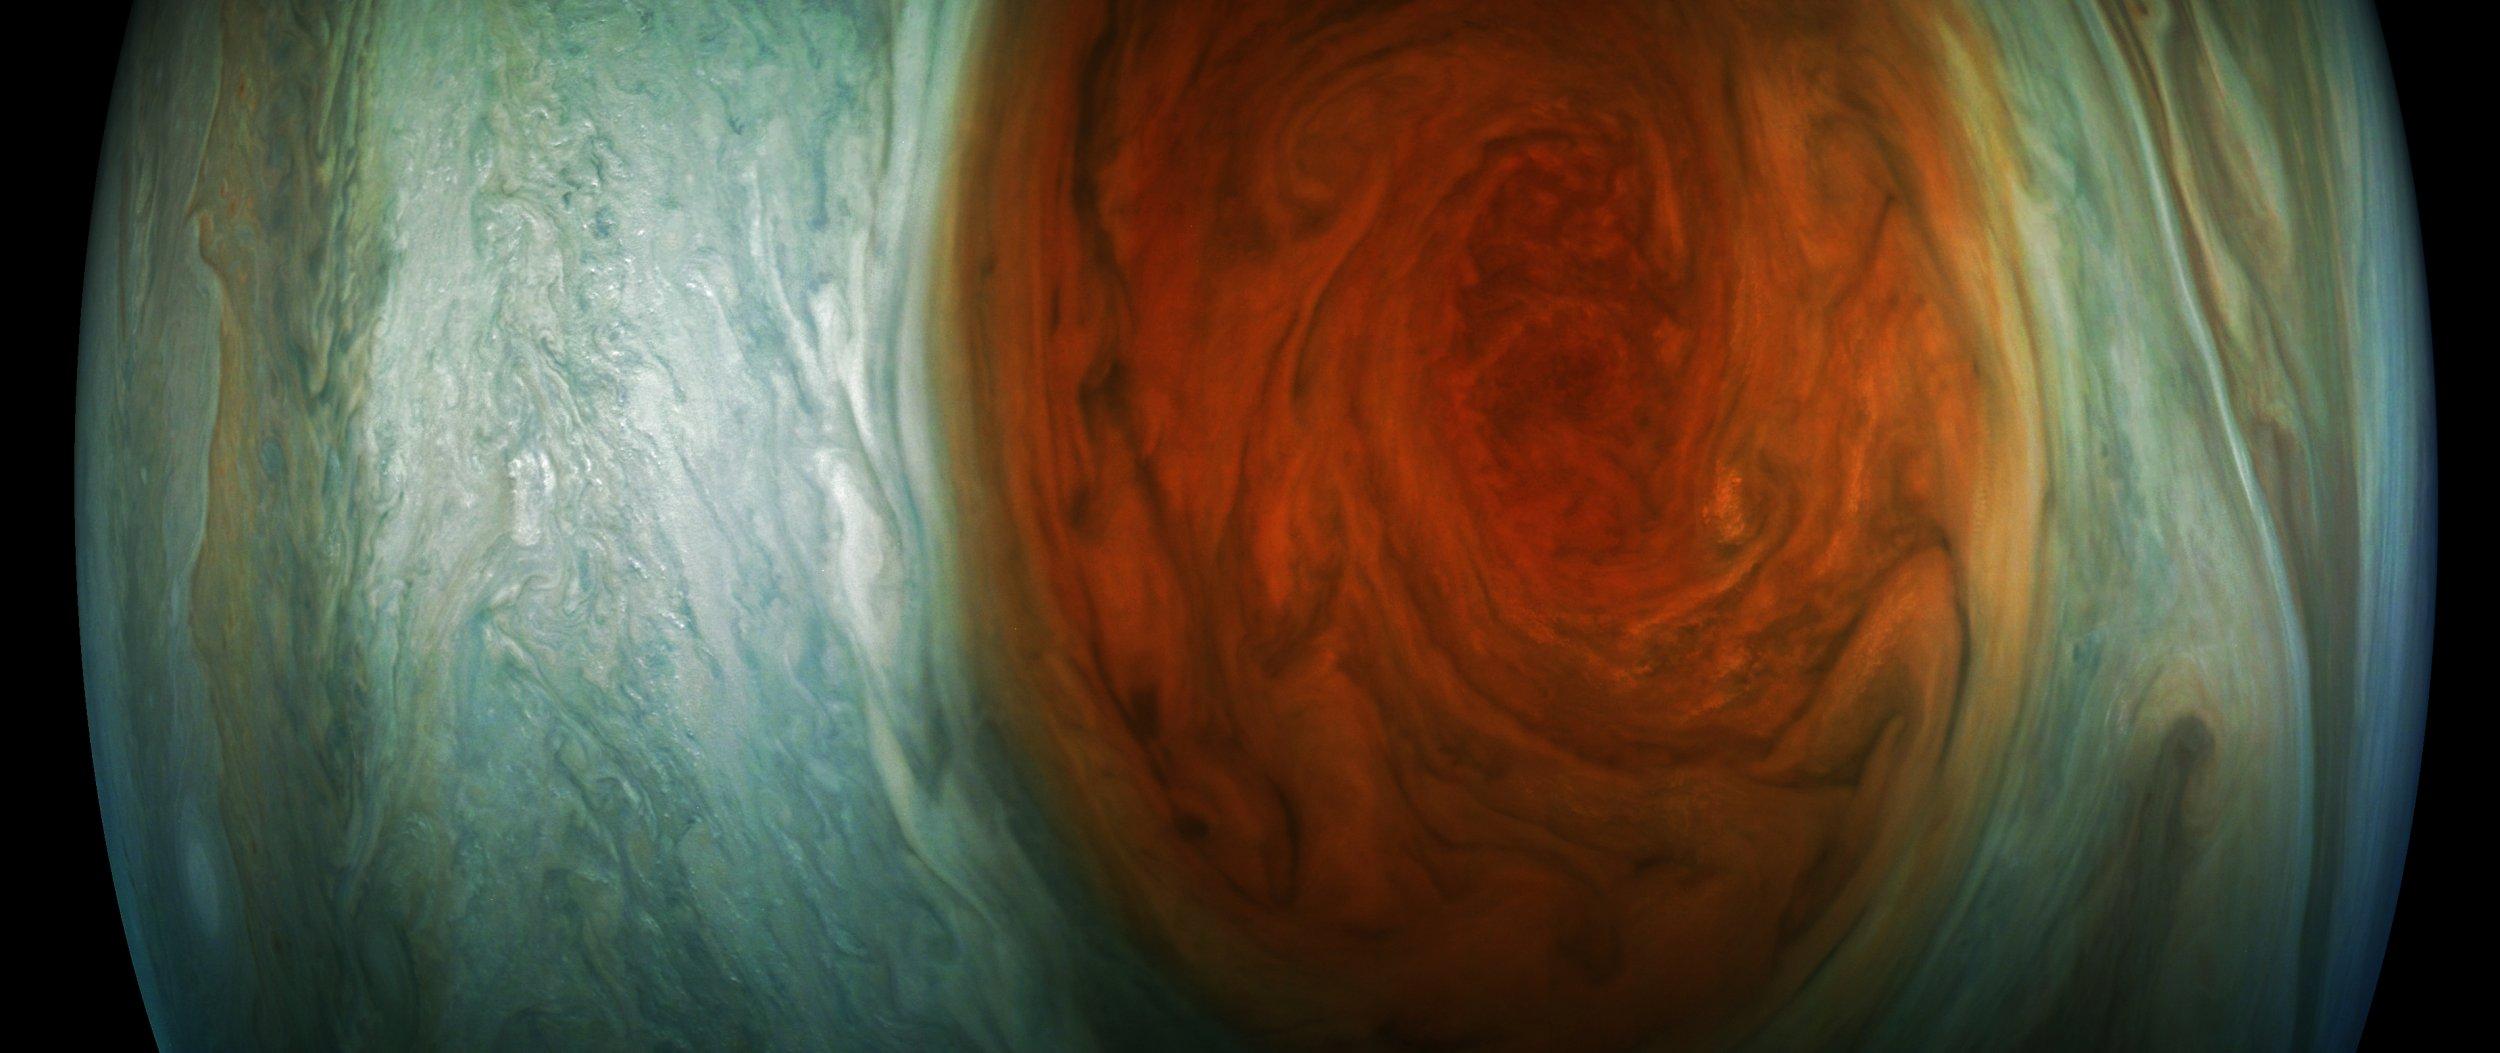 7-13-17 Jupiter Gerald Eichstädt